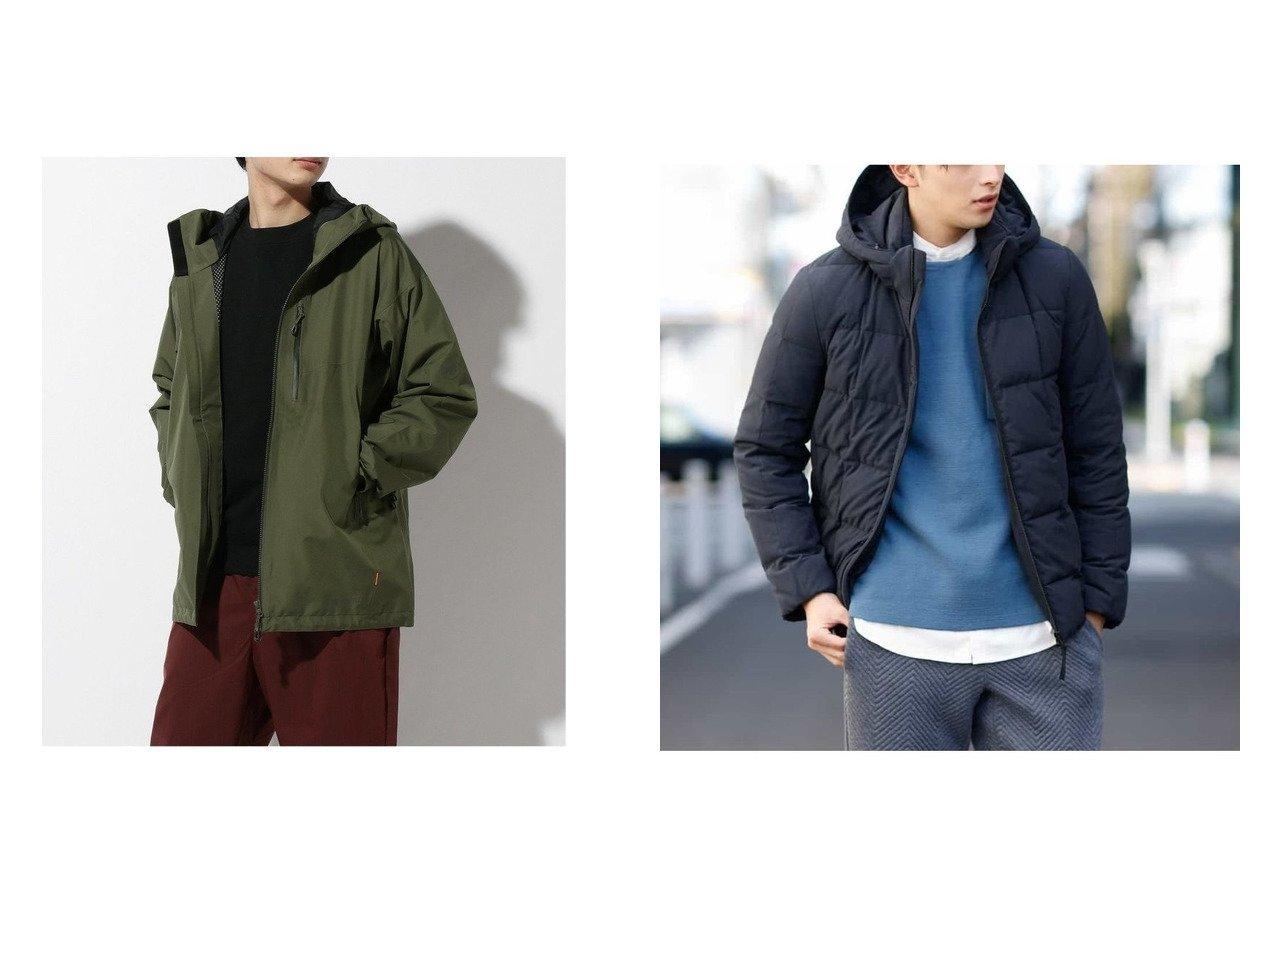 【MAMMUT / MEN/マムート】のAyako Pro HS Hooded Jacket AF Men&【a.v.v HOMME / MEN/アー ヴェー ヴェー】のデタッチャブルフードストレッチダウンブルゾン 【MEN】男性のおすすめ!人気、メンズファッションの通販 おすすめで人気のファッション通販商品 インテリア・家具・キッズファッション・メンズファッション・レディースファッション・服の通販 founy(ファニー) https://founy.com/ ファッション Fashion メンズ MEN ジップ ジャケット ポケット スタンド ストレッチ スマート ダウン パターン パーカー ブルゾン ボックス 冬 Winter |ID:crp329100000005684